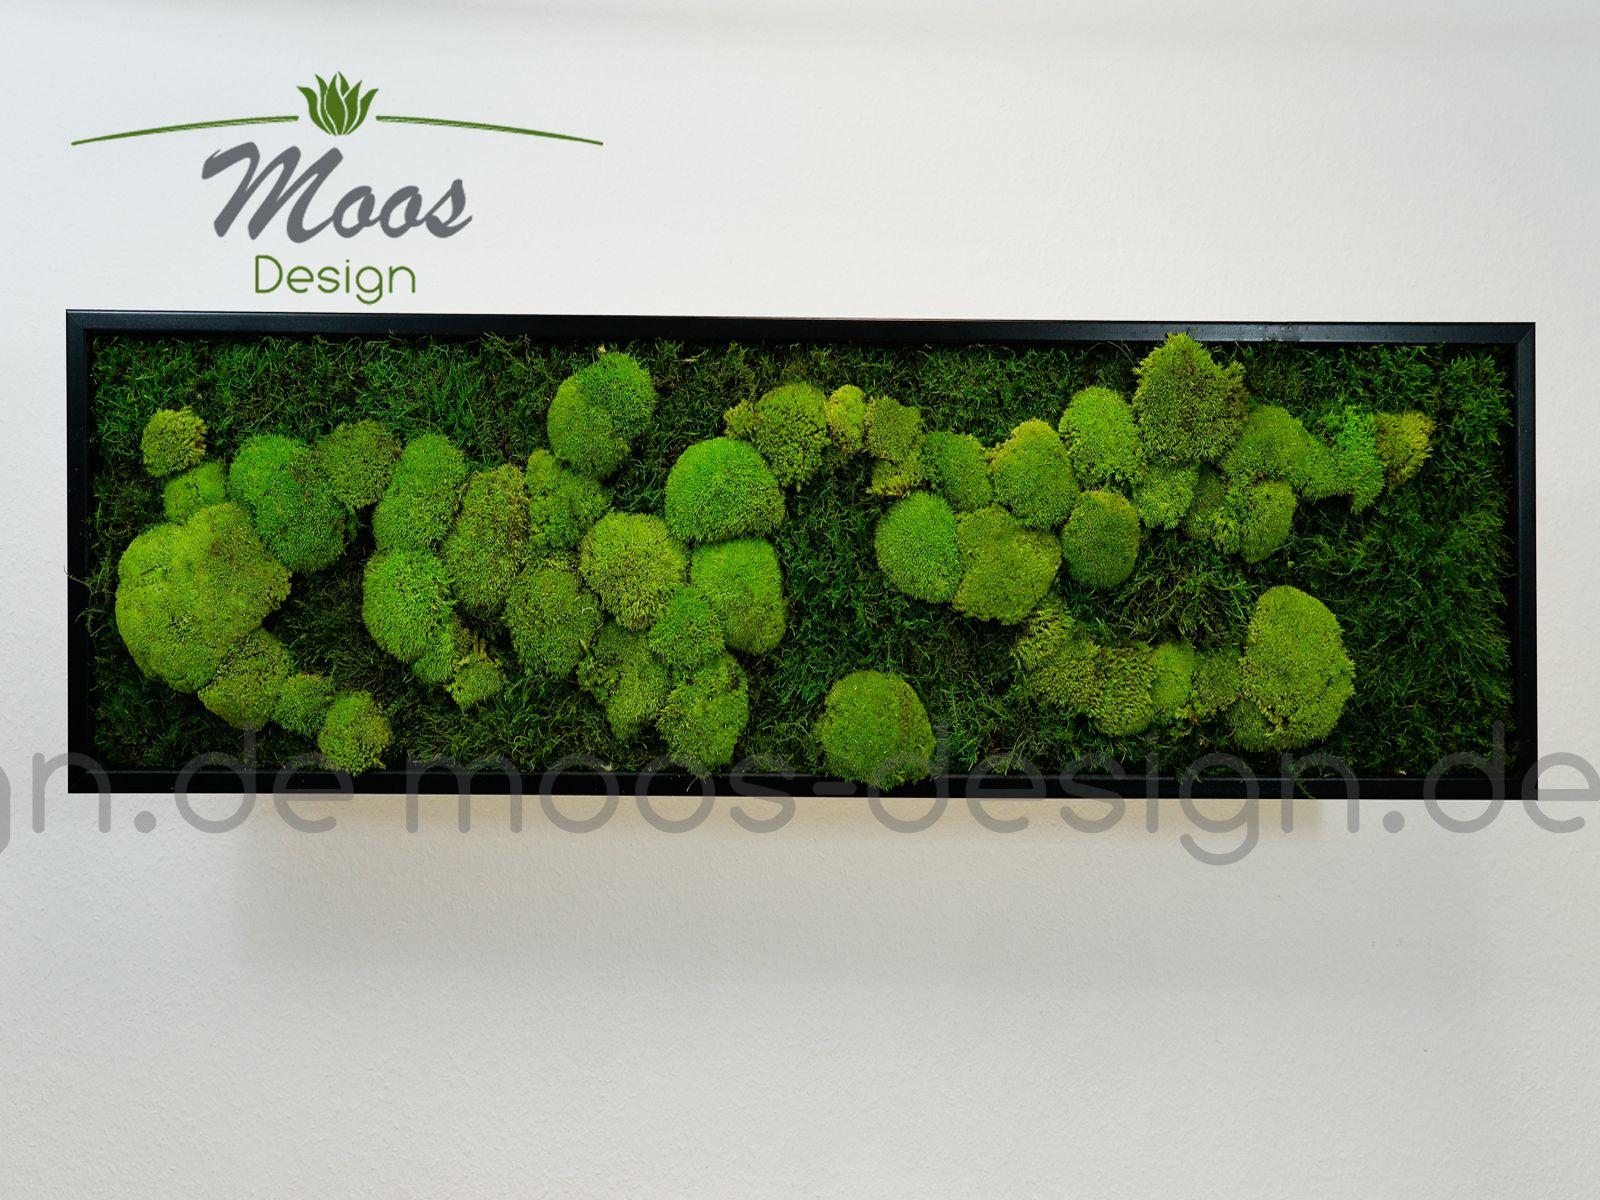 Moosbild 140x40 cm mit Kugelmoos und Flachmoos jetzt kaufen bei ...